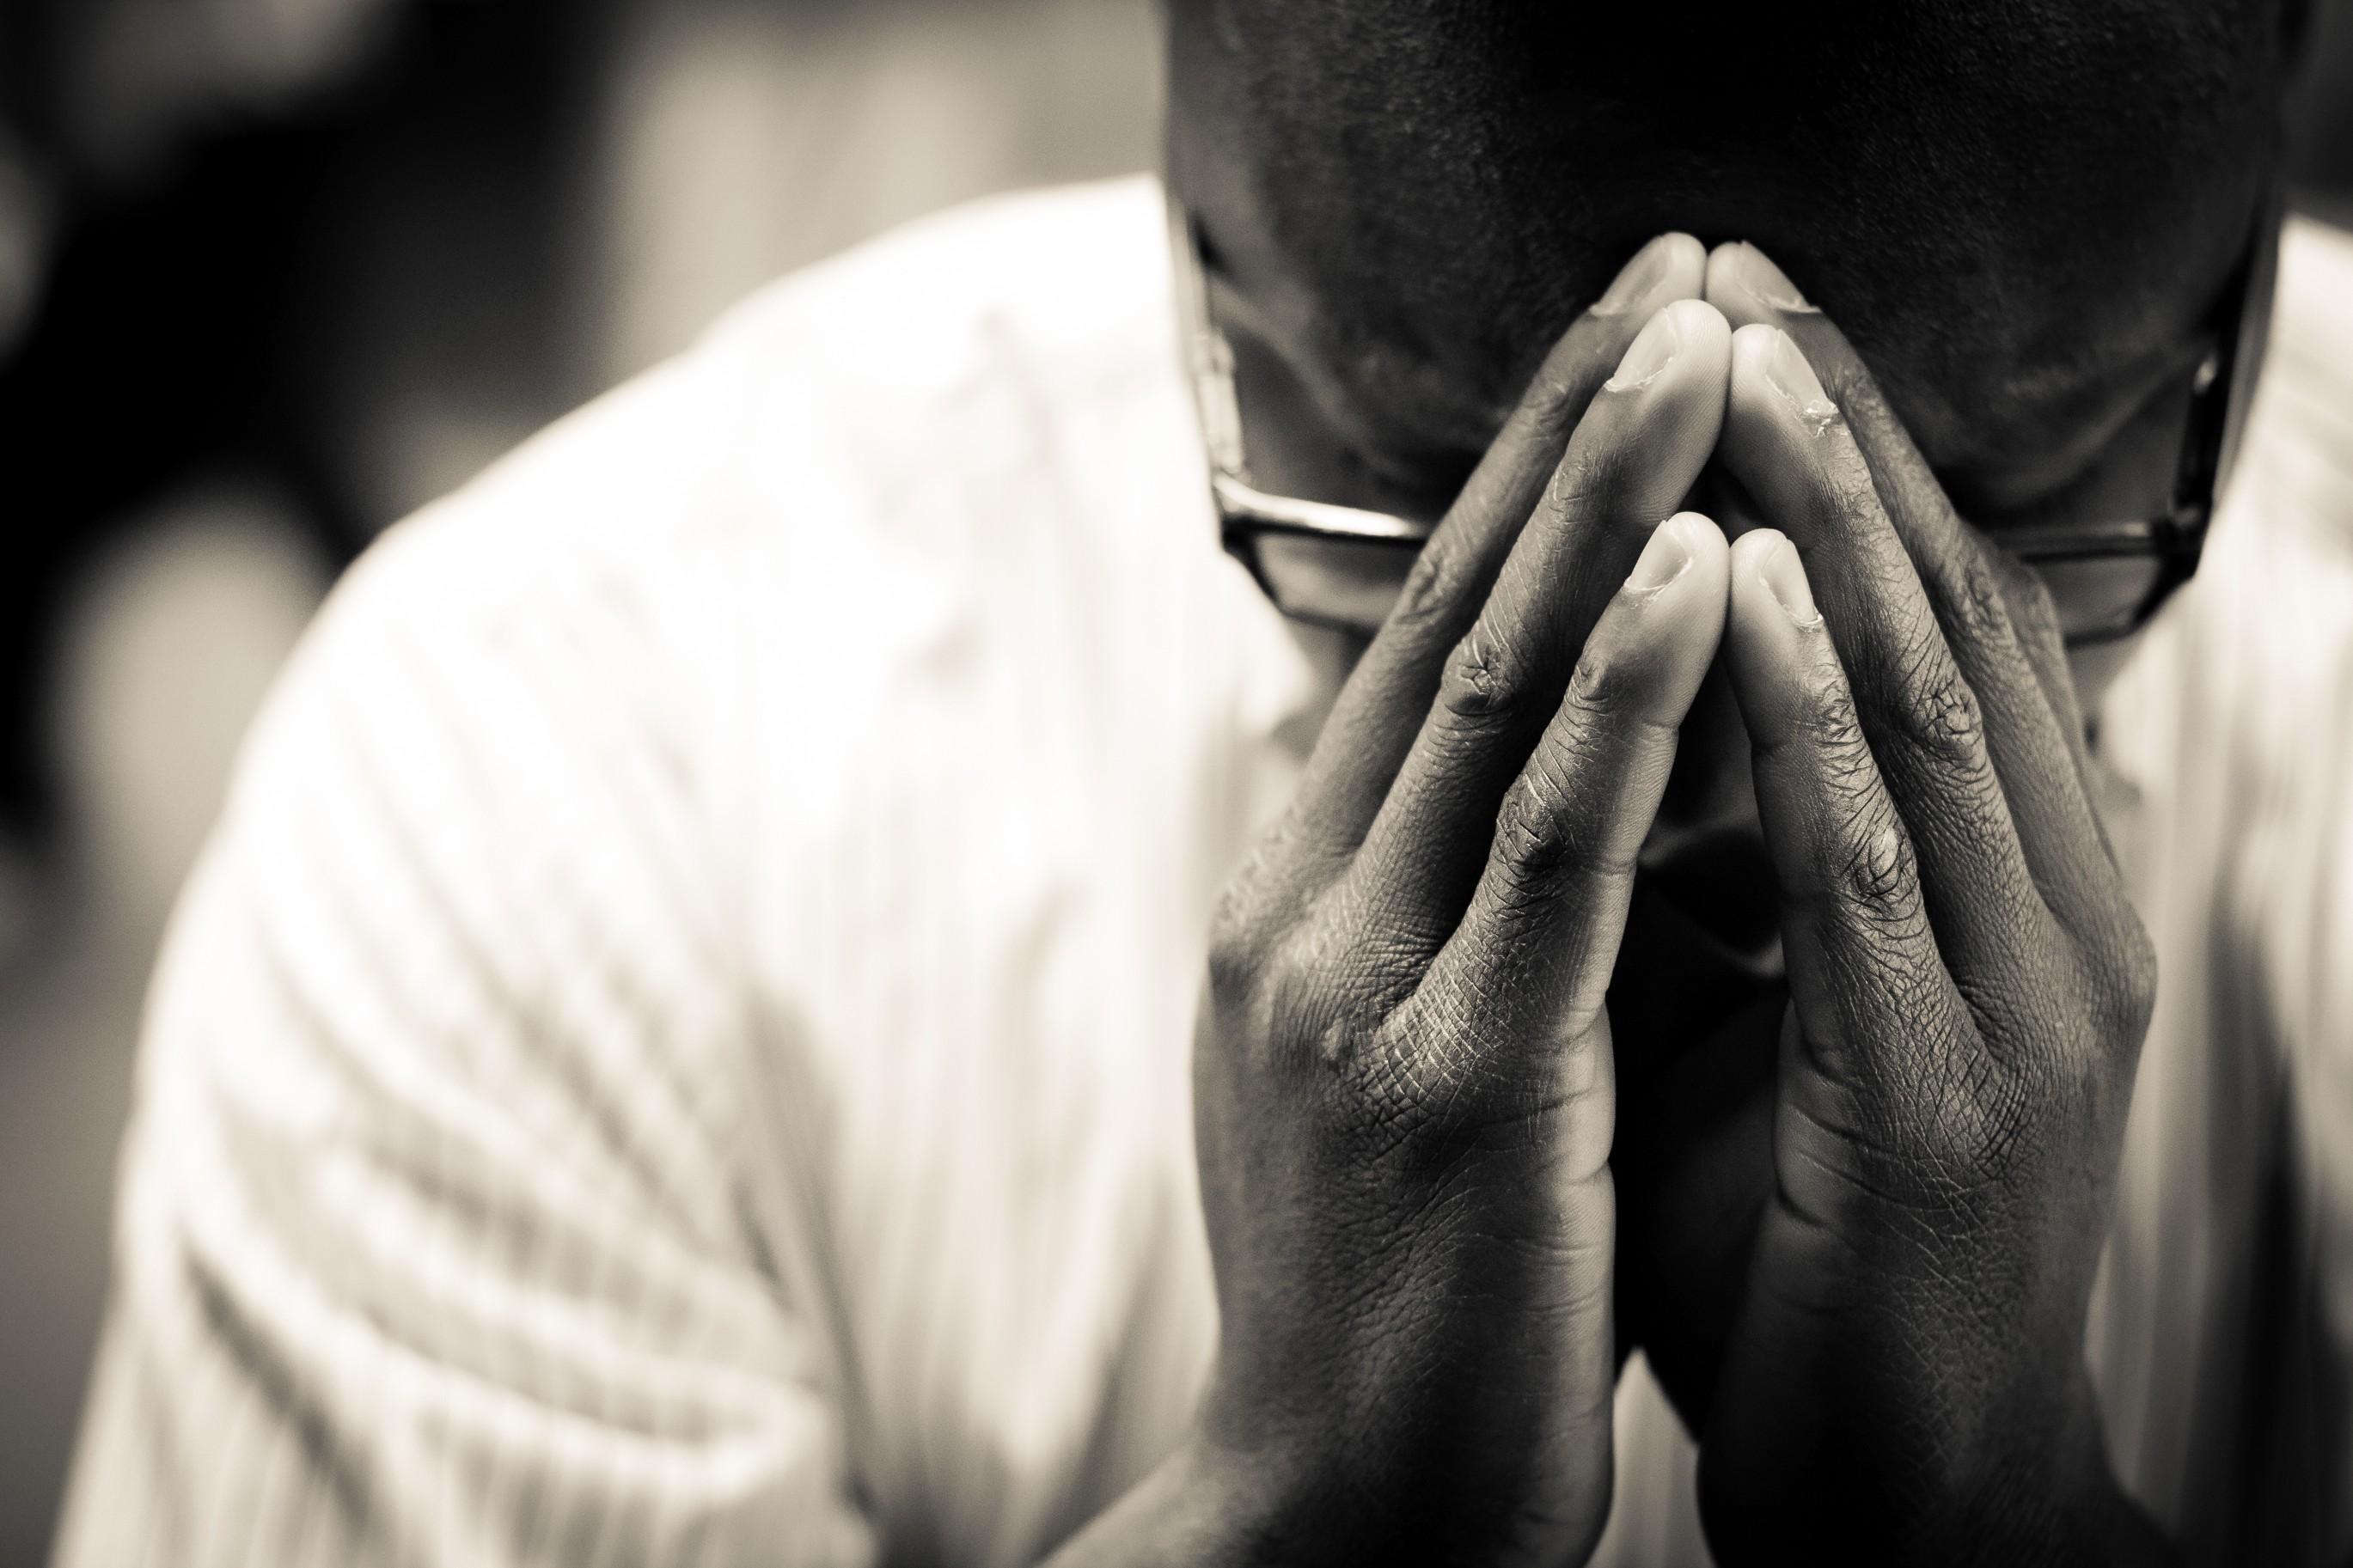 Los seguidores de Jesús desde un punto de vista islámico